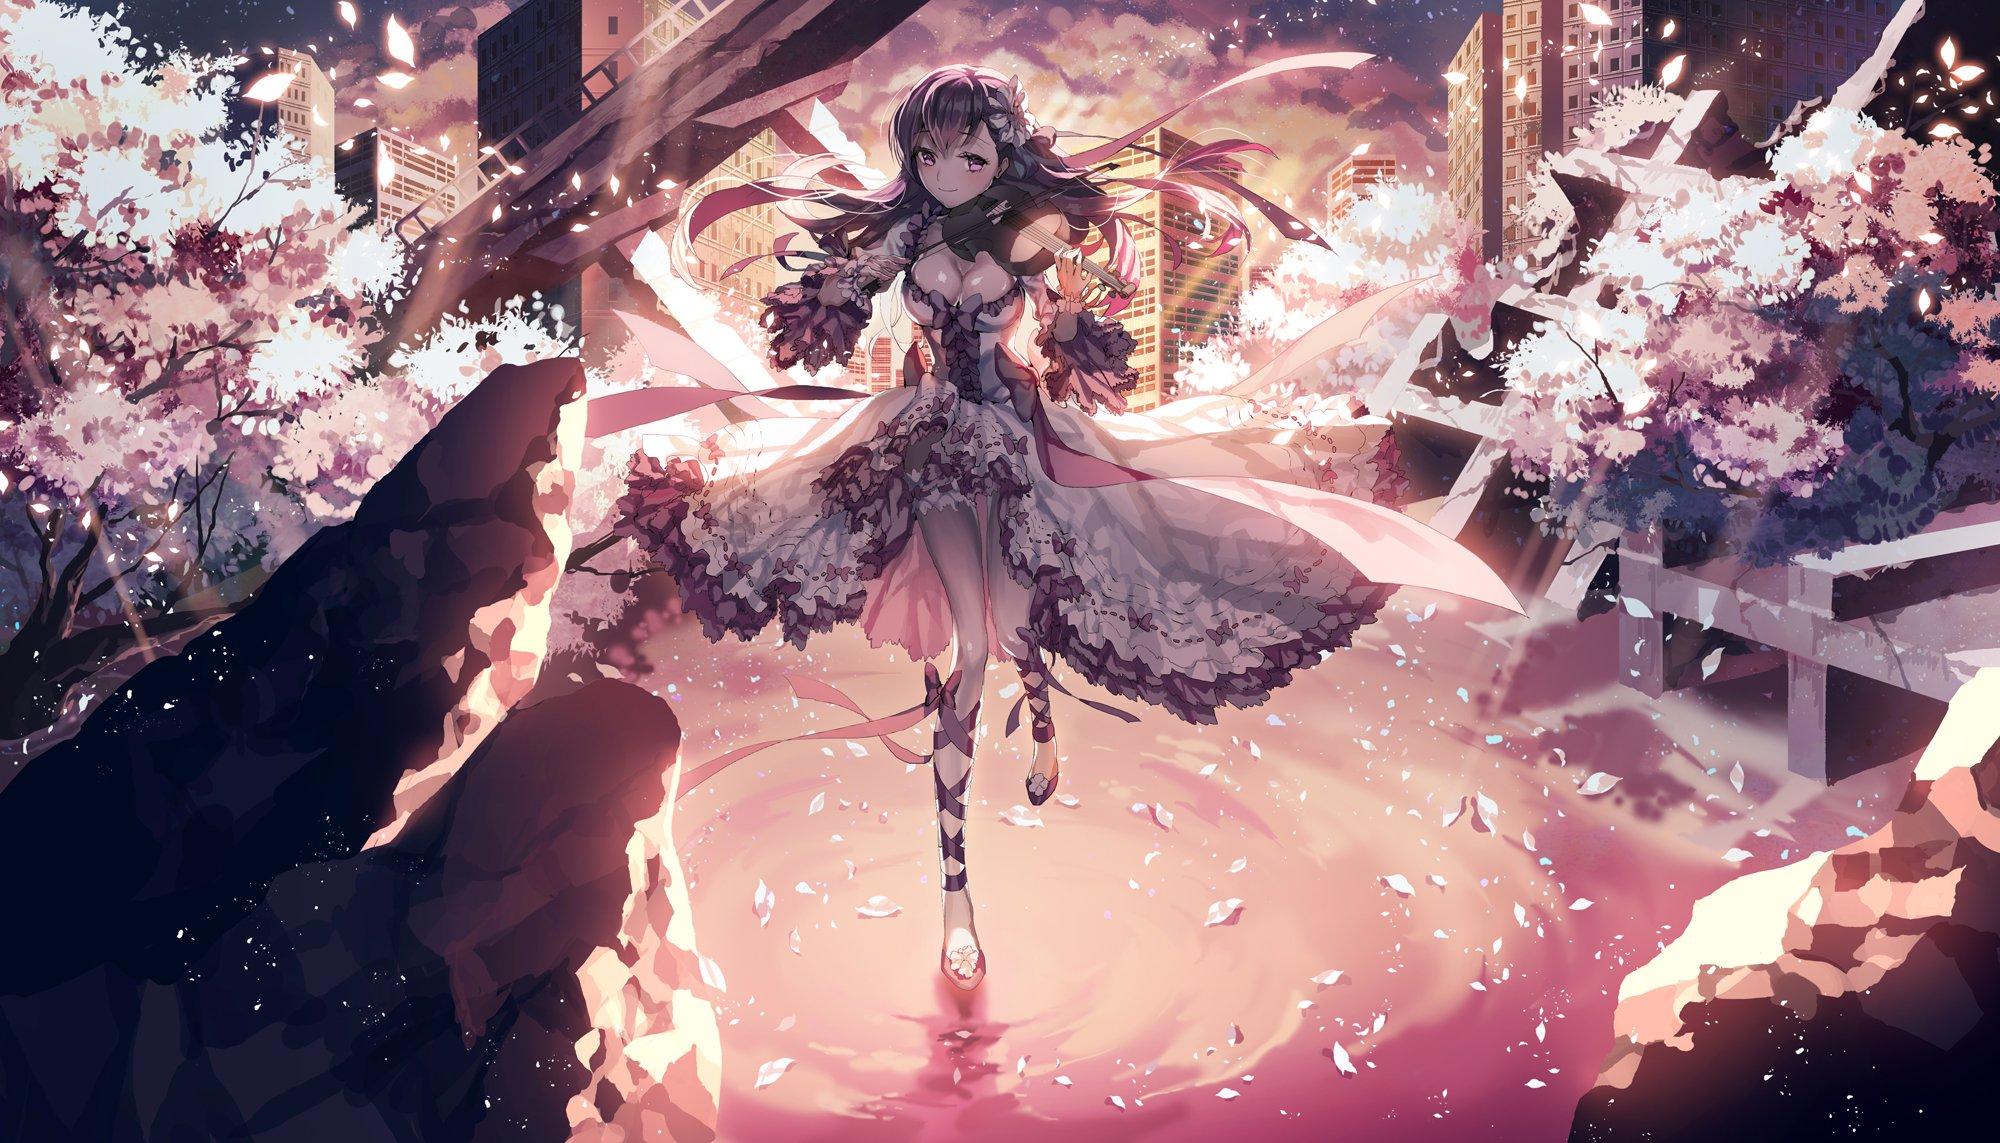 Violin Girl Anime City Flower Sakura Dress Smile Wallpaper